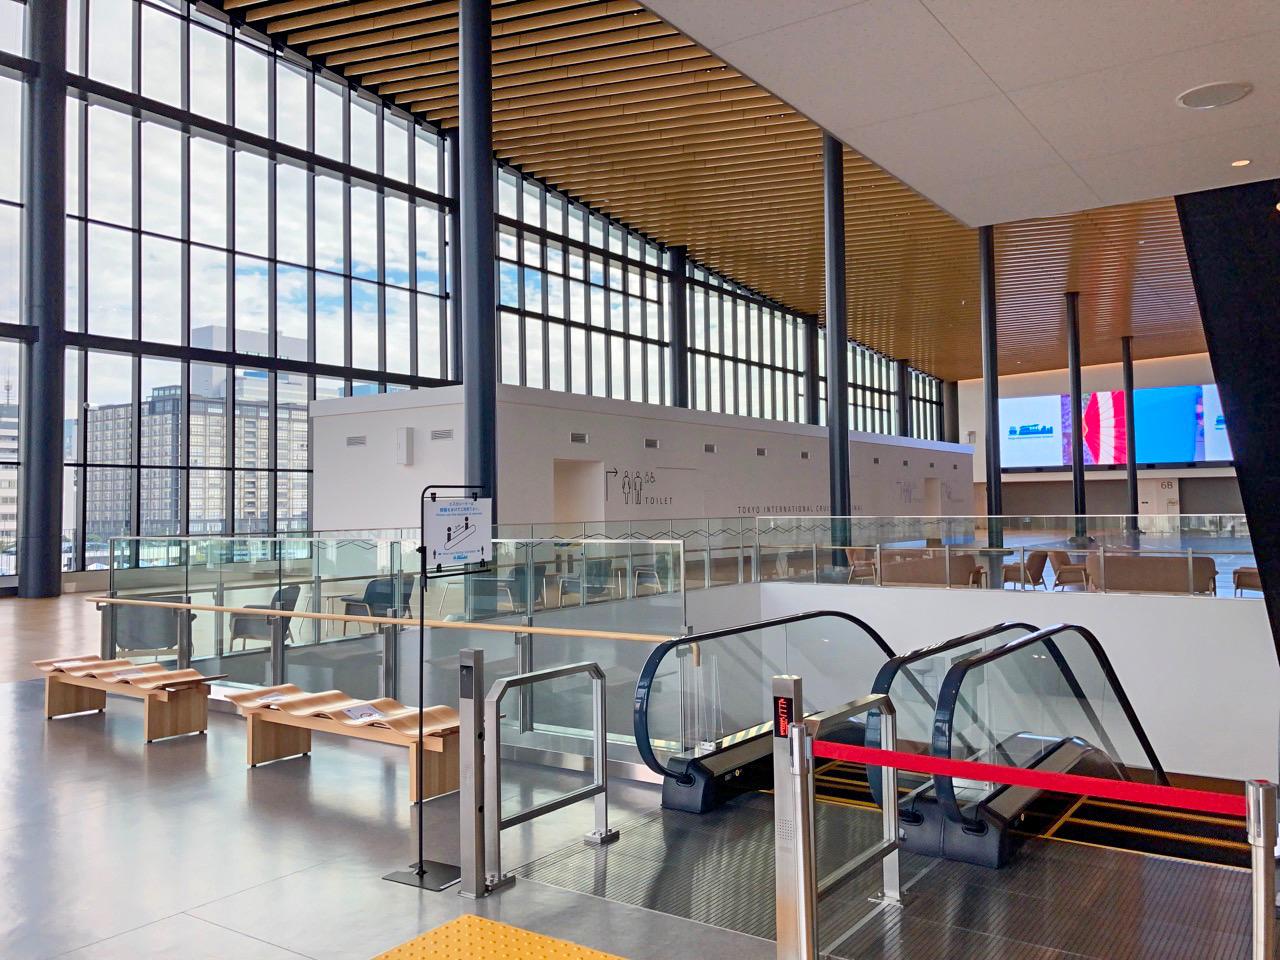 広大なターミナルがほぼ無人